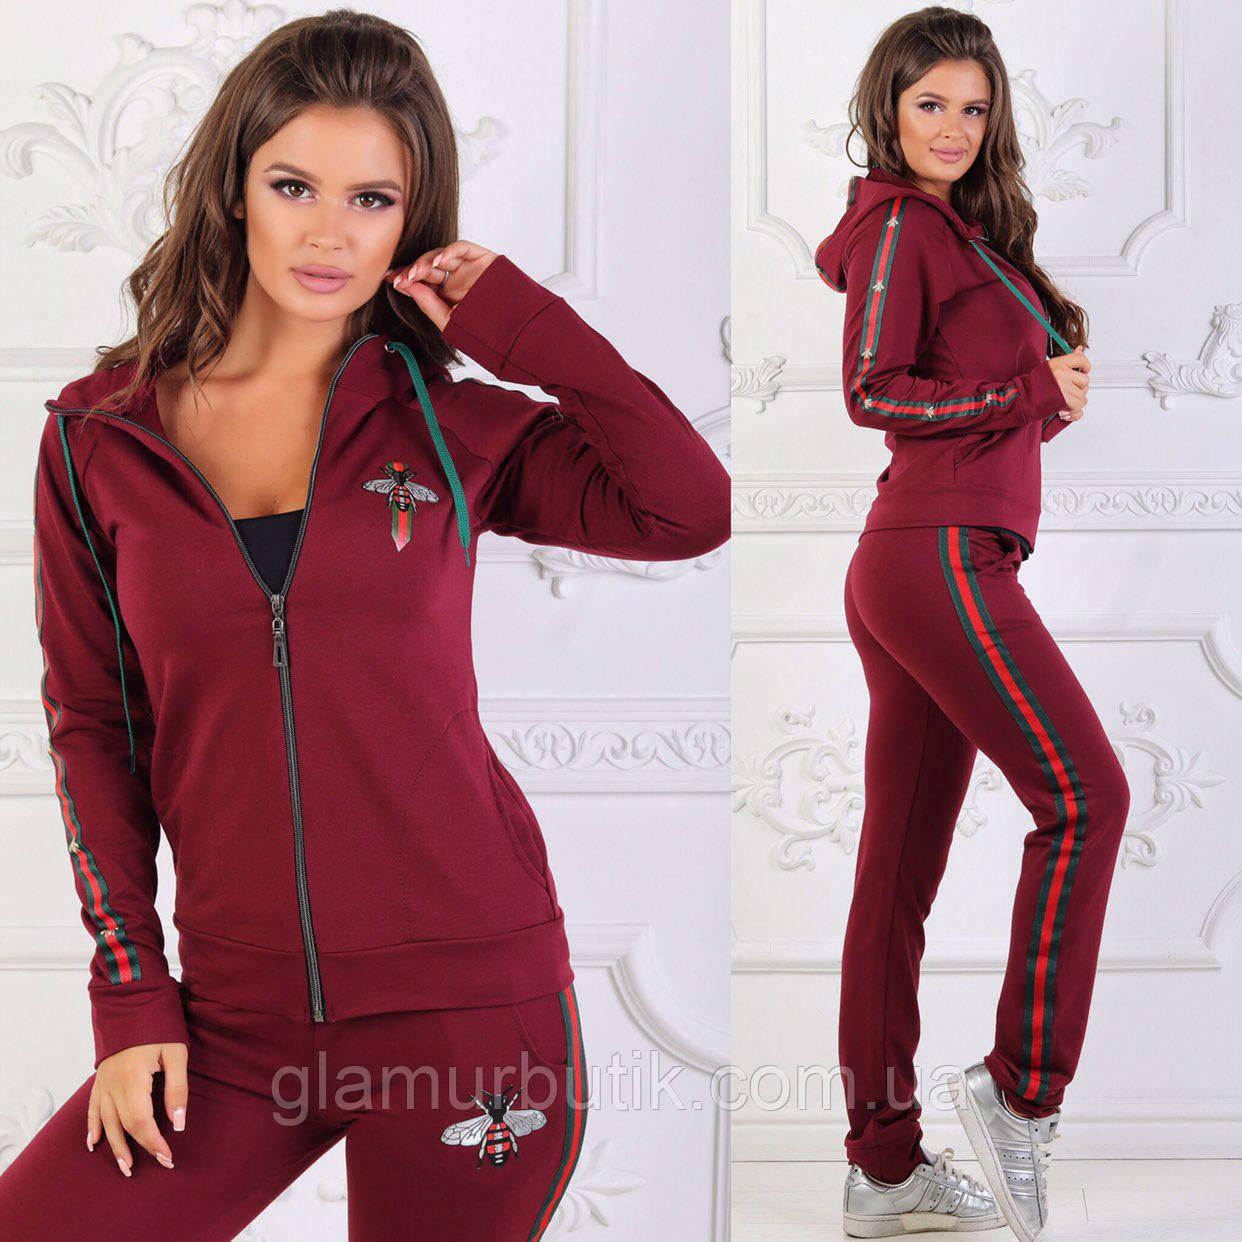 3db8aeb54a08 Женский стильный спортивный костюм Gucci штаны и кофта с карманами  капюшоном лампасами 42 44 46 48